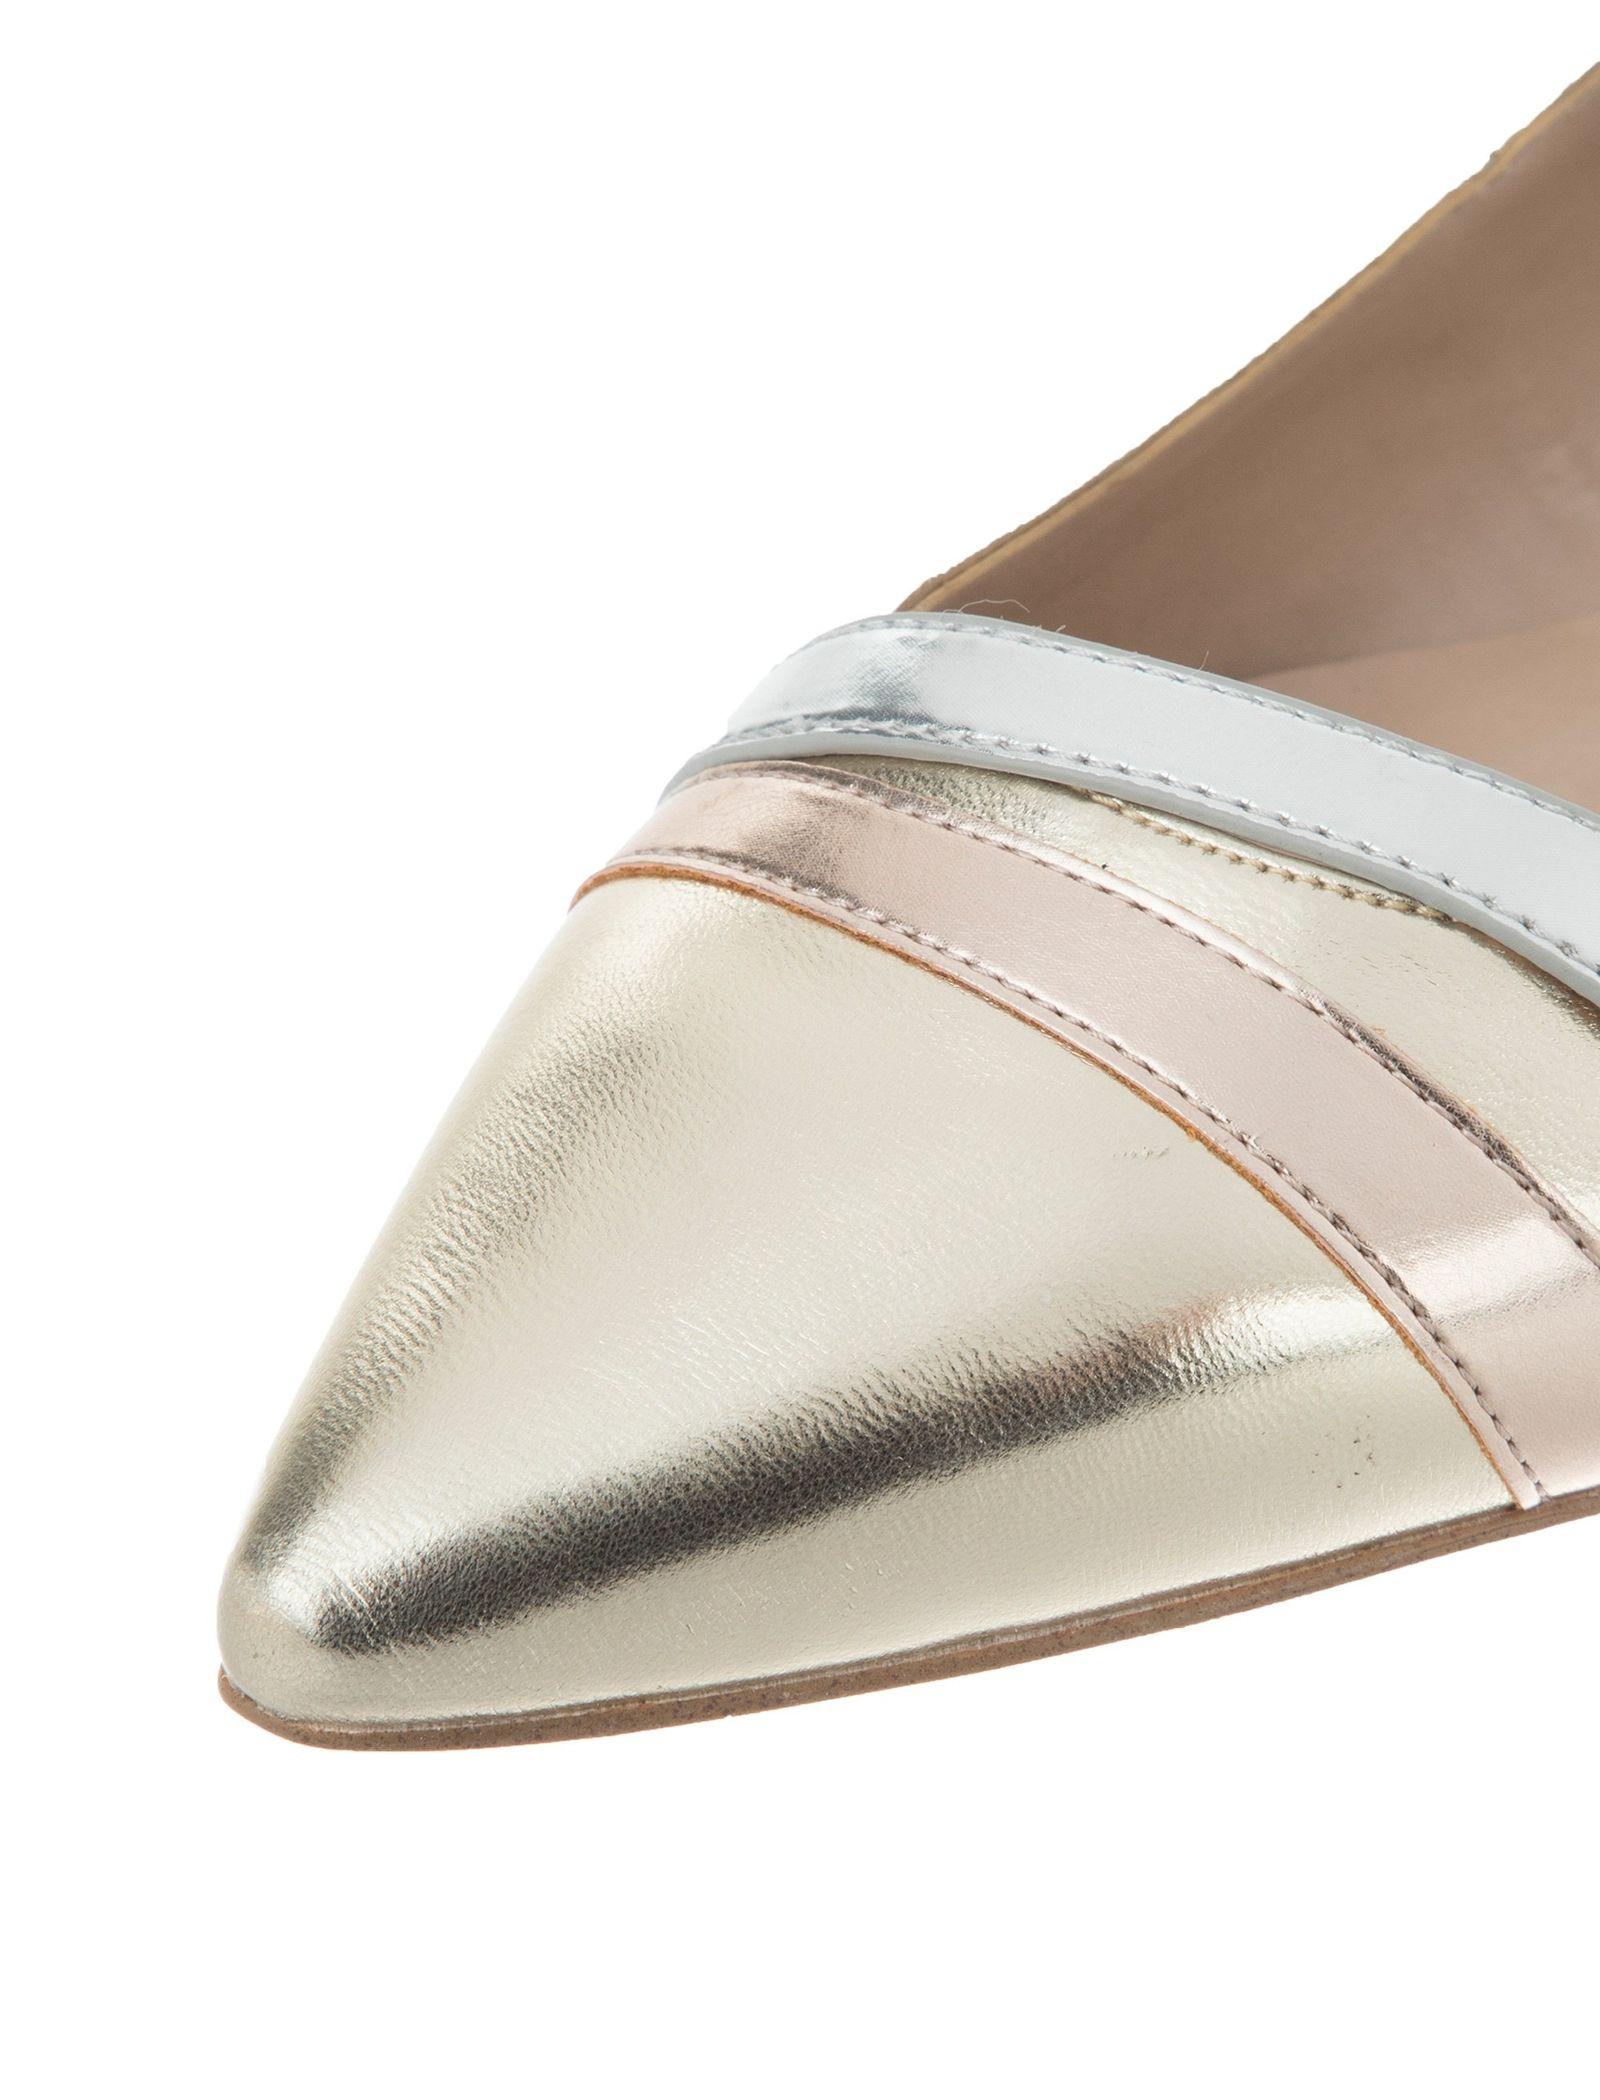 کفش تخت زنانه Leclya - آلدو - طلايي - 6